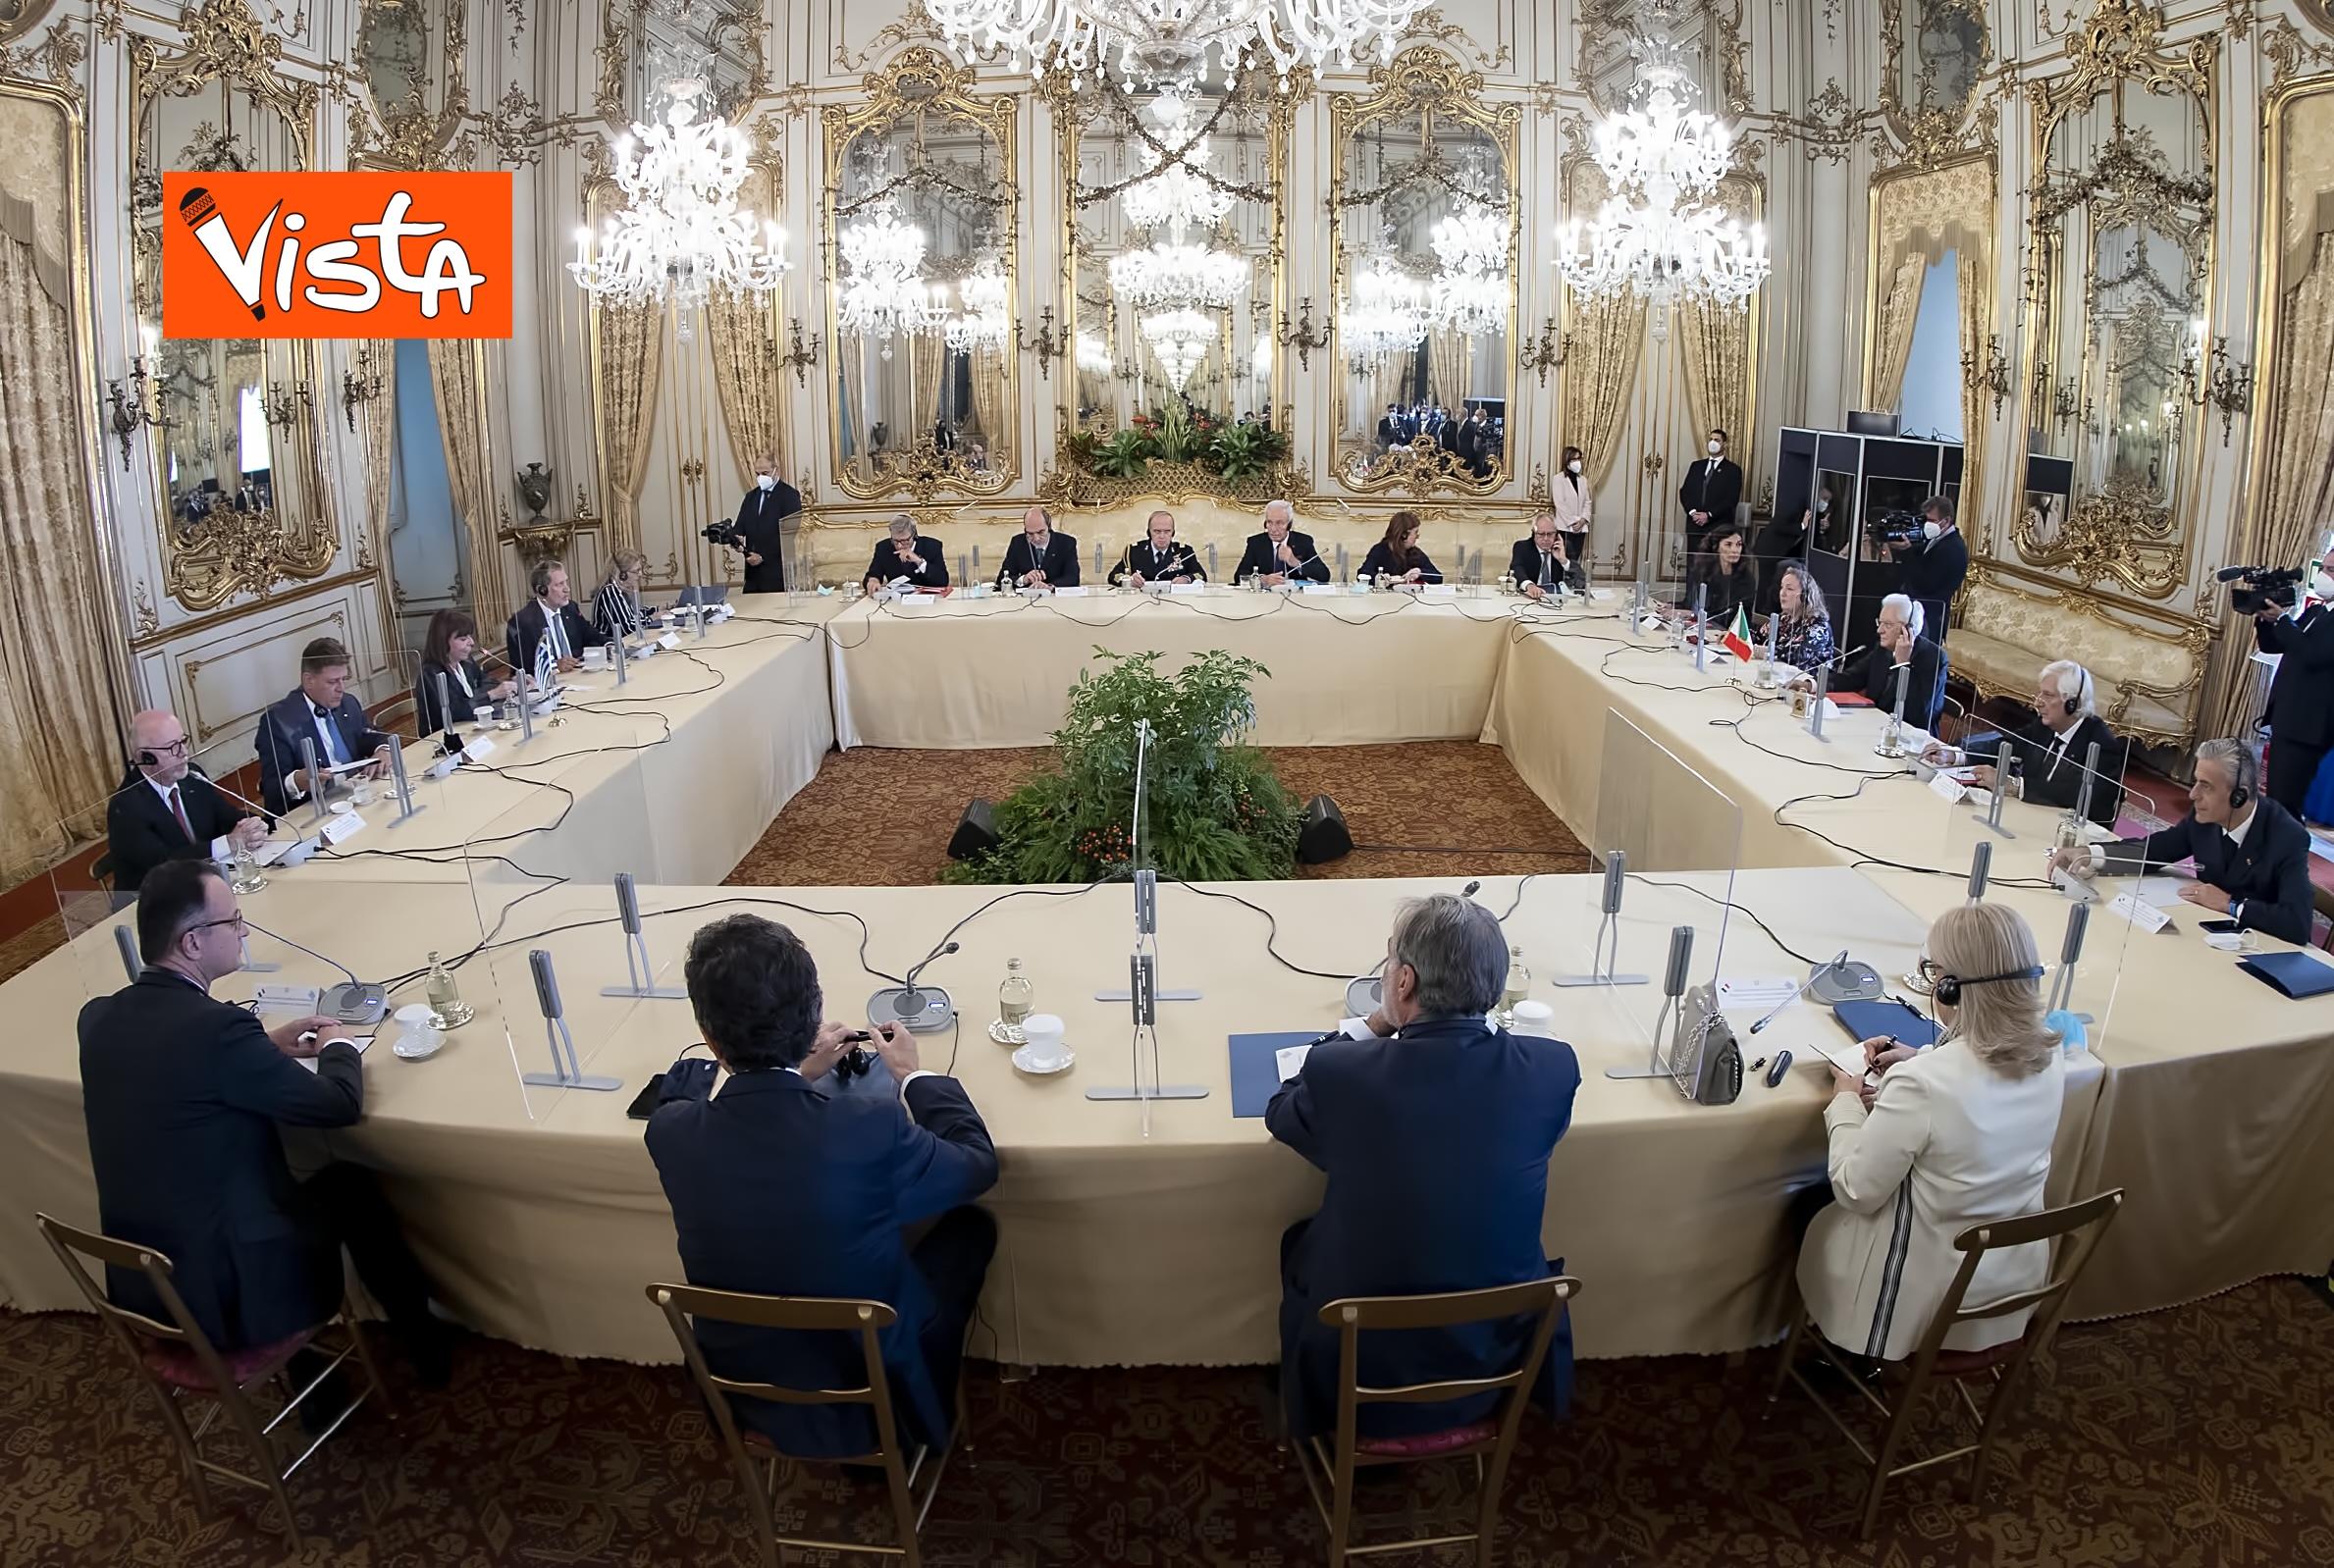 09-10-20 Mattarella riceve la Presidente della Repubblica Ellenica Sakellaropoulou, le immagini_13